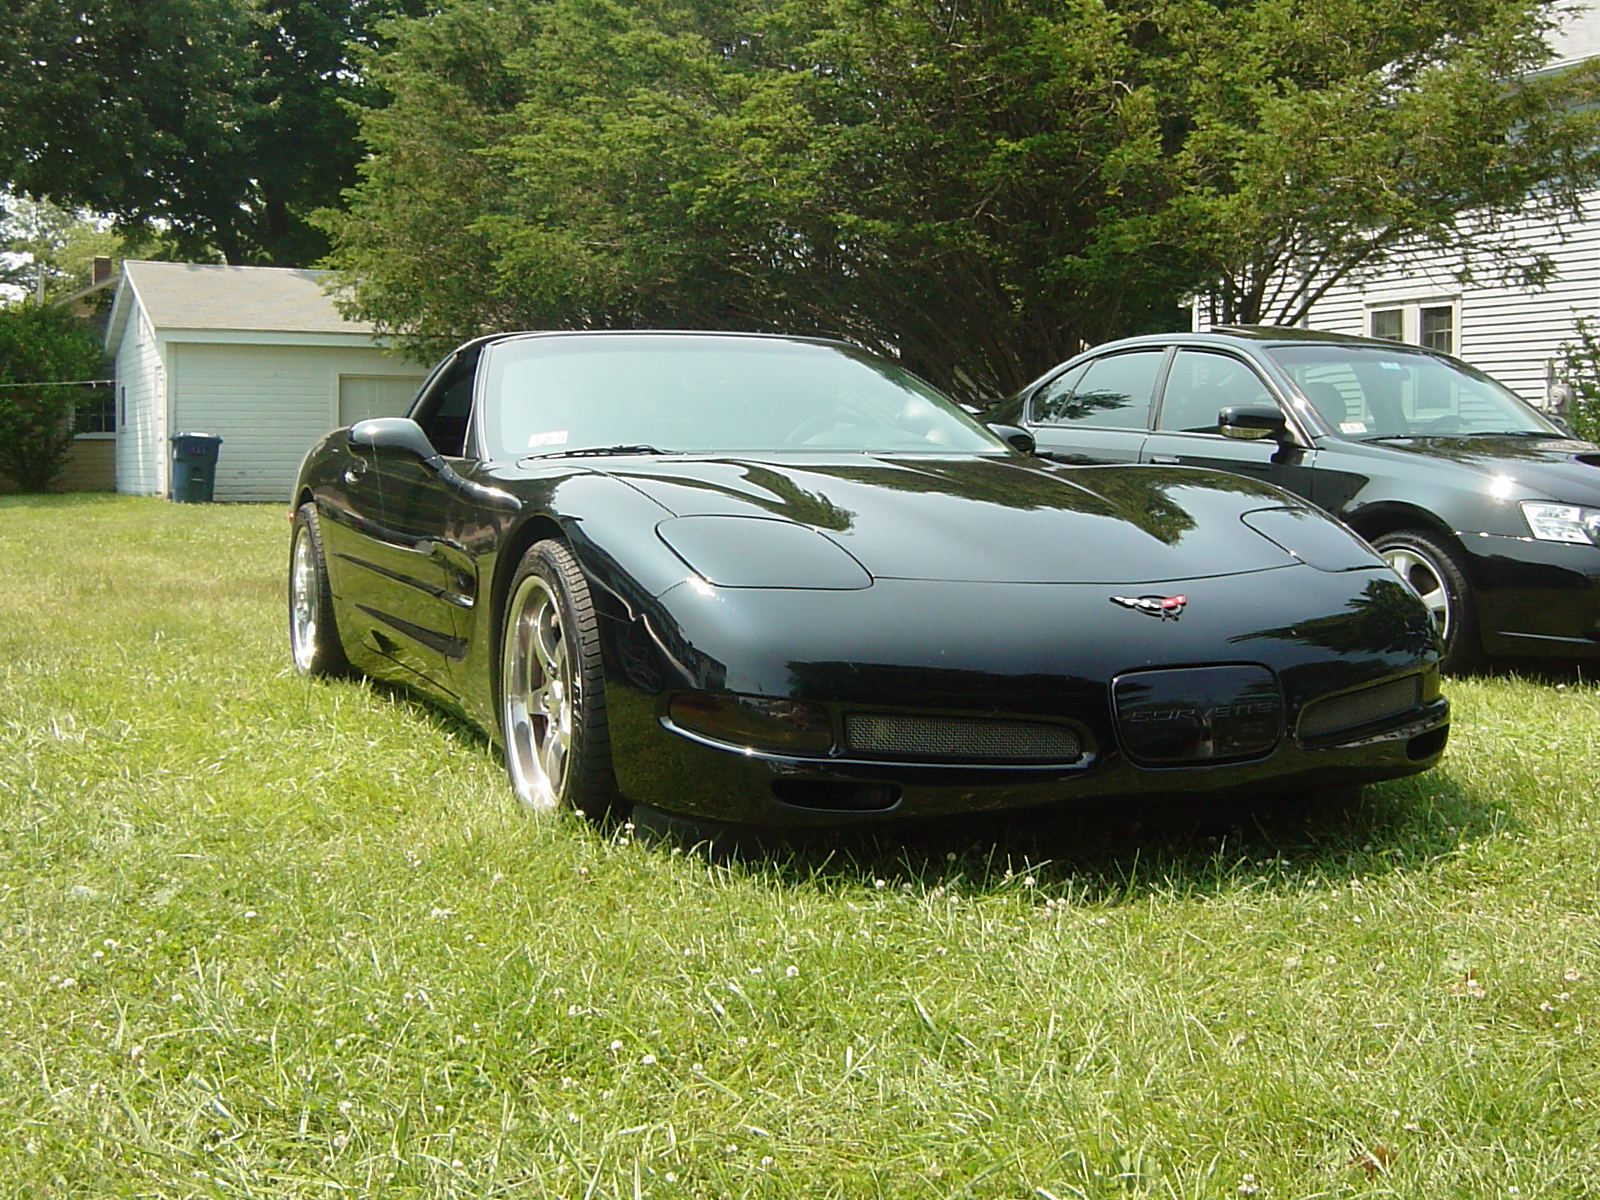 Picture of 2002 Chevrolet Corvette Coupe